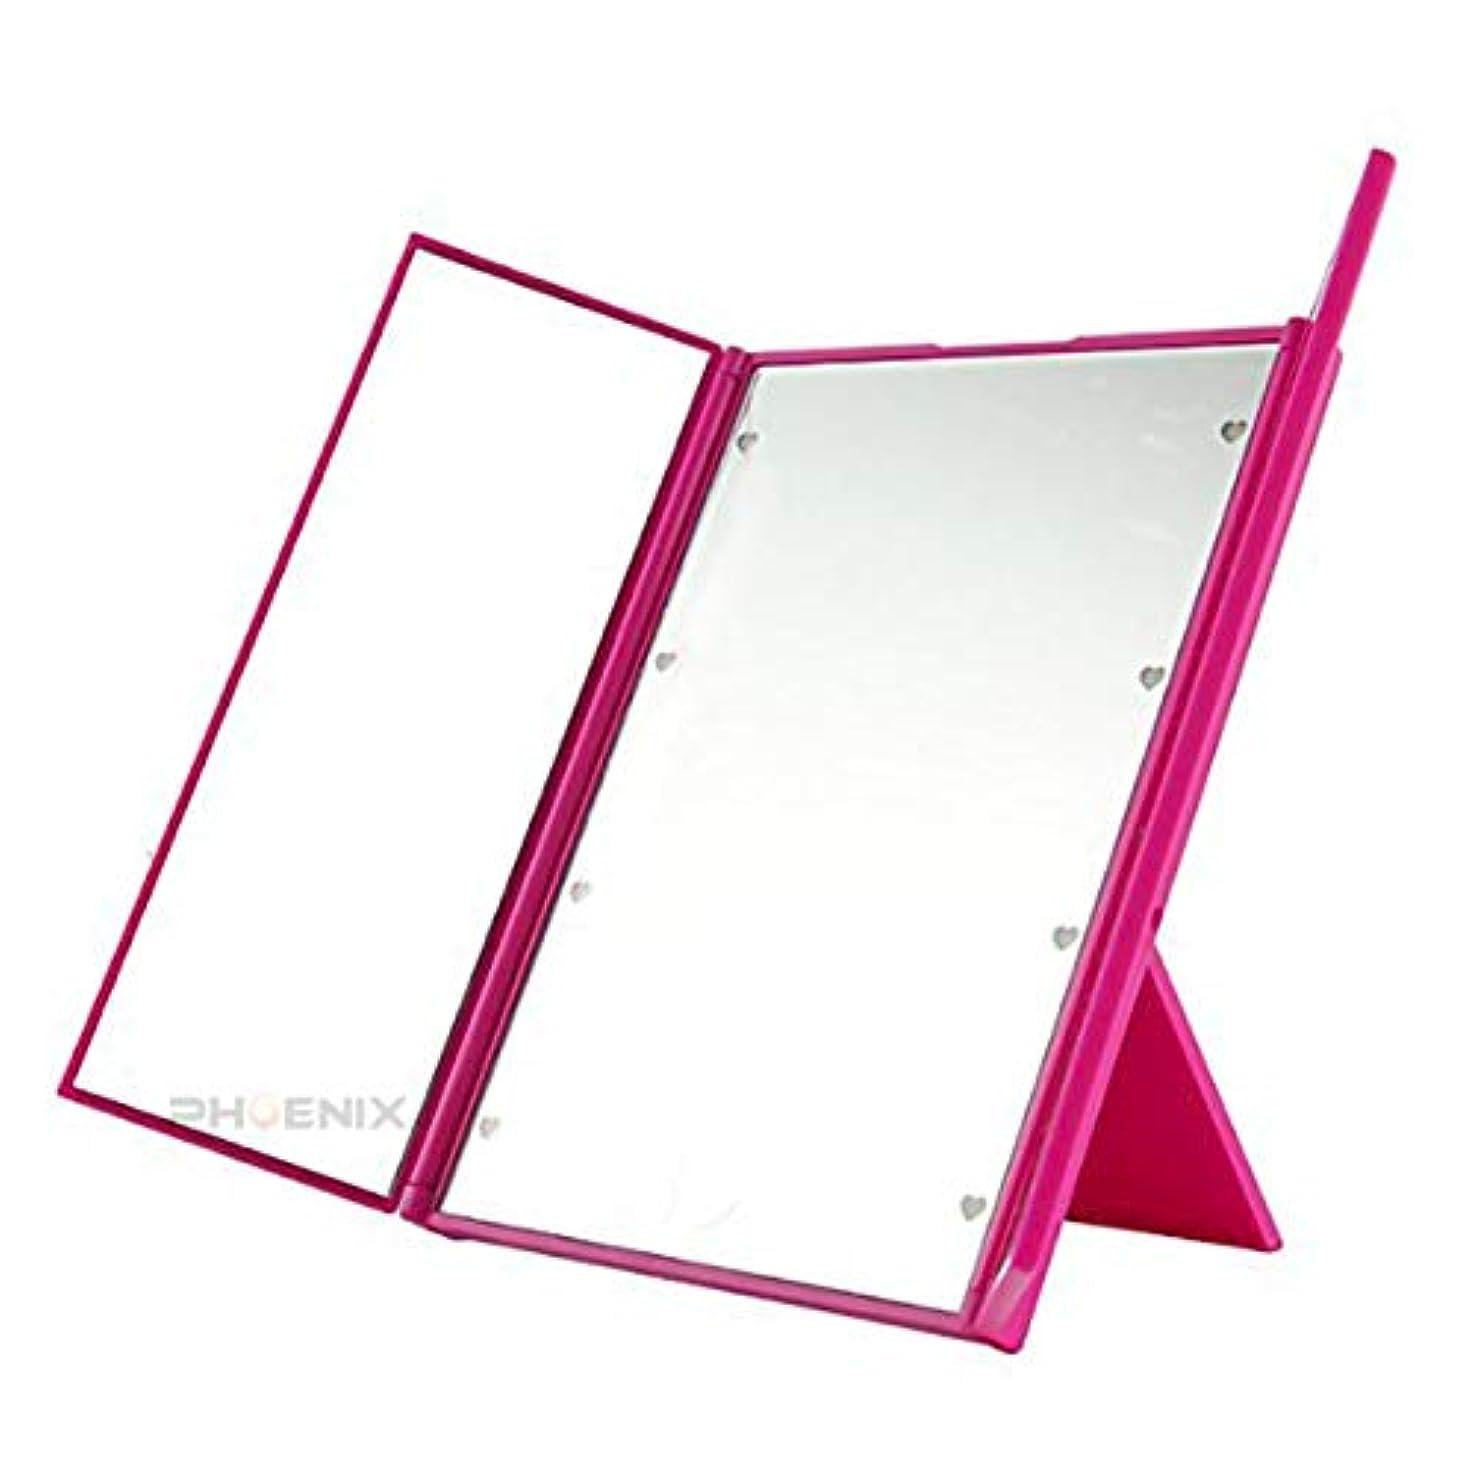 報復治世干ばつ鏡 卓上 卓上ミラー led ライト付き 三面鏡 かわいい 女優ミラー 化粧鏡 折りたたみ 持ち運び コンパクト 3カラー 三面鏡,ピンク